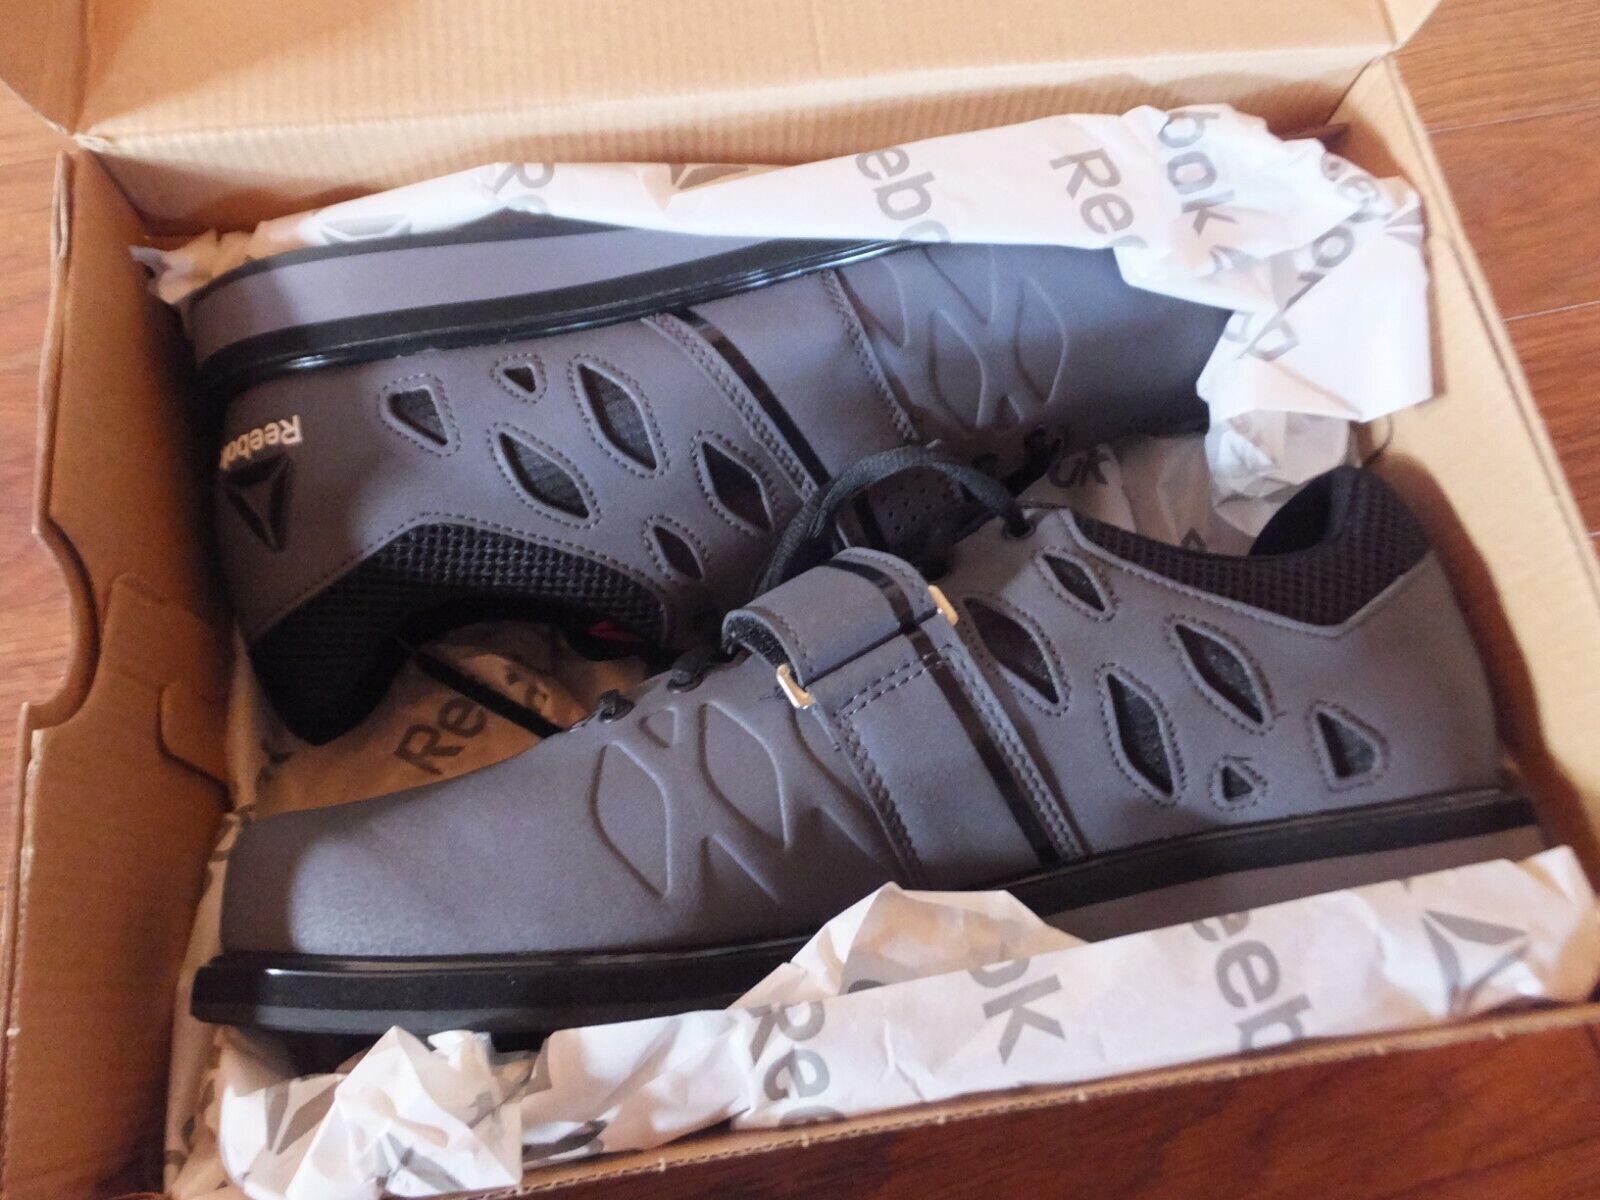 Reebok levantador pr el levantamiento de  pesas Zapato-gris Negro-De Hombre 10 etiquetas nuevas 40% De Descuento  gran descuento